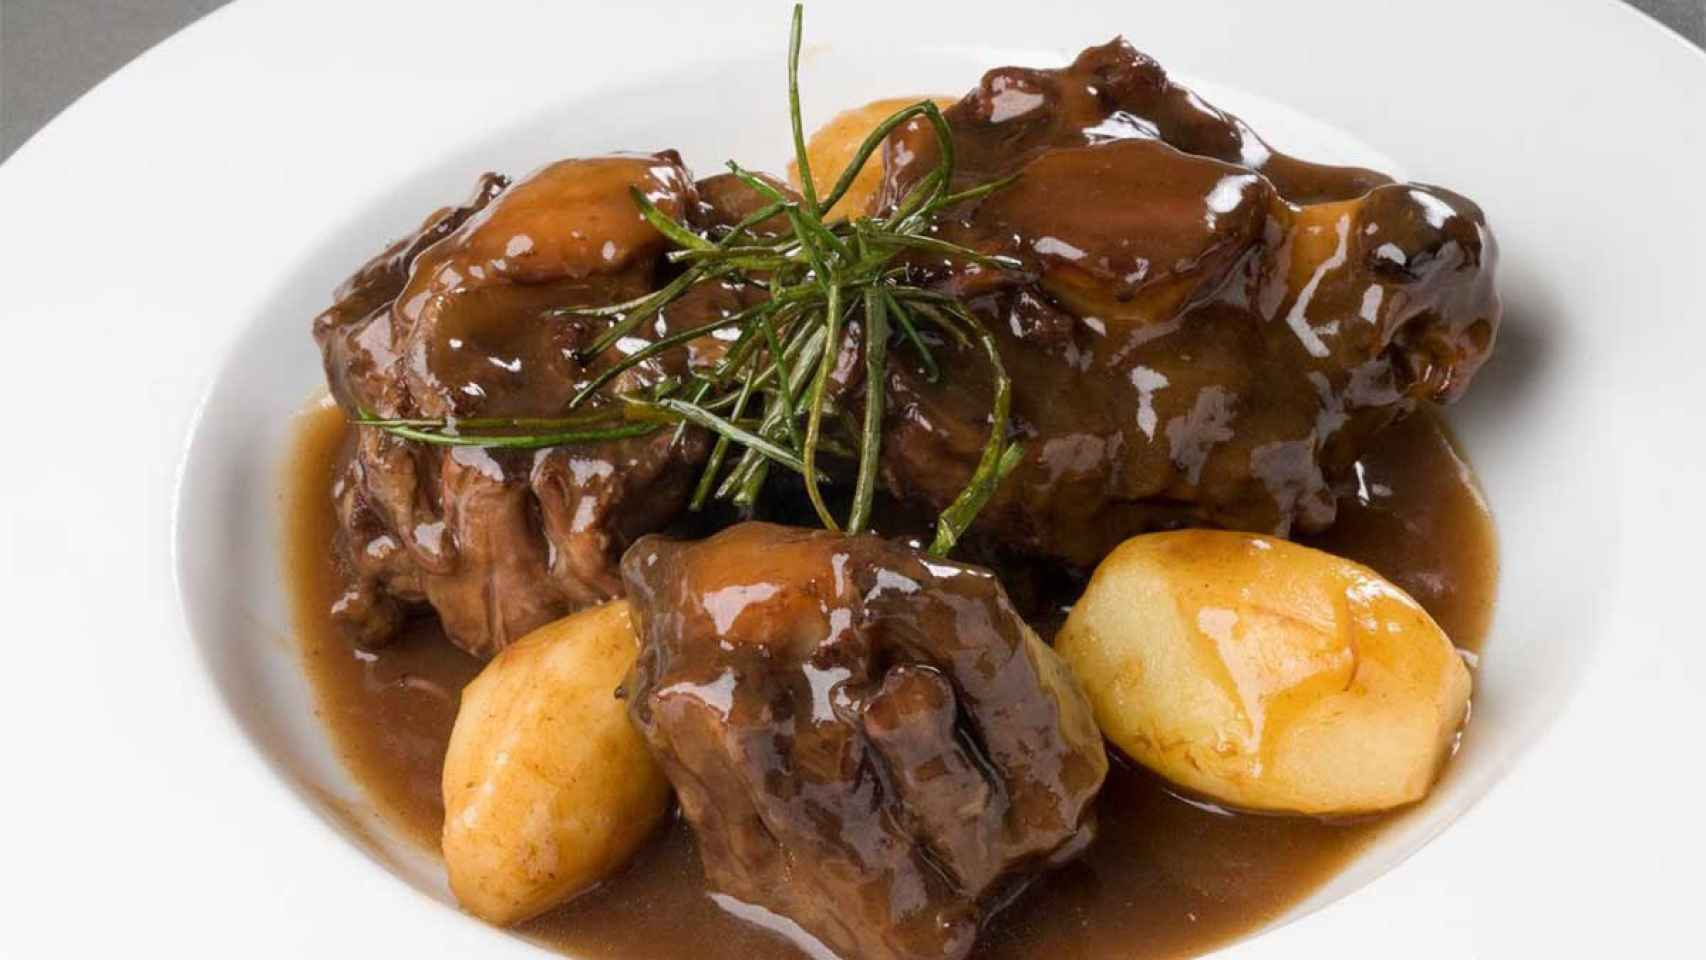 Al cocinar este plato, la carne debe quedar bien tierna.